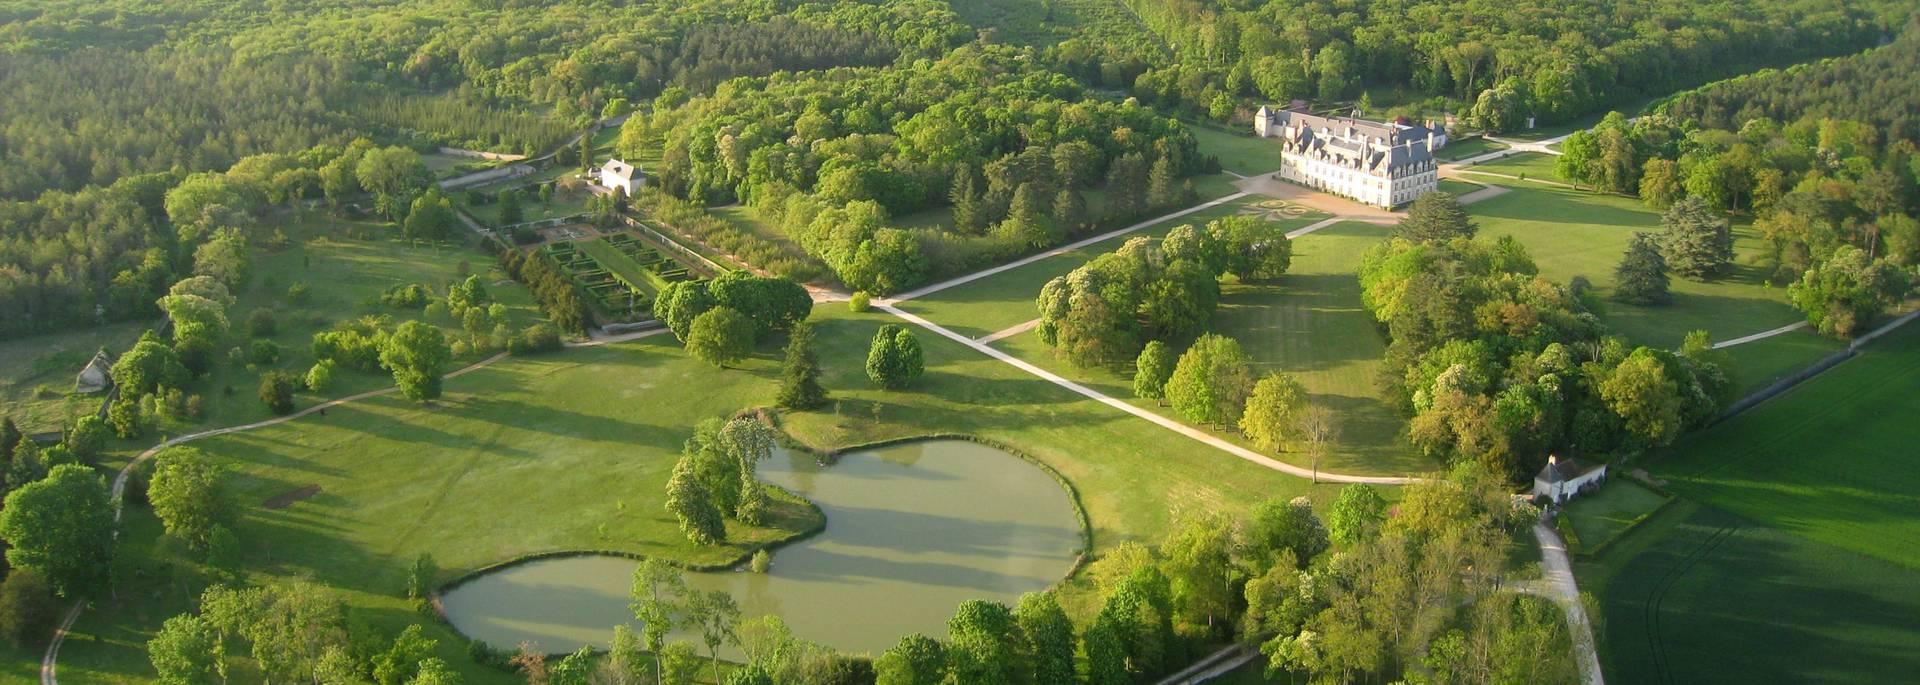 Schloss Beauregard aus der Luft gesehen